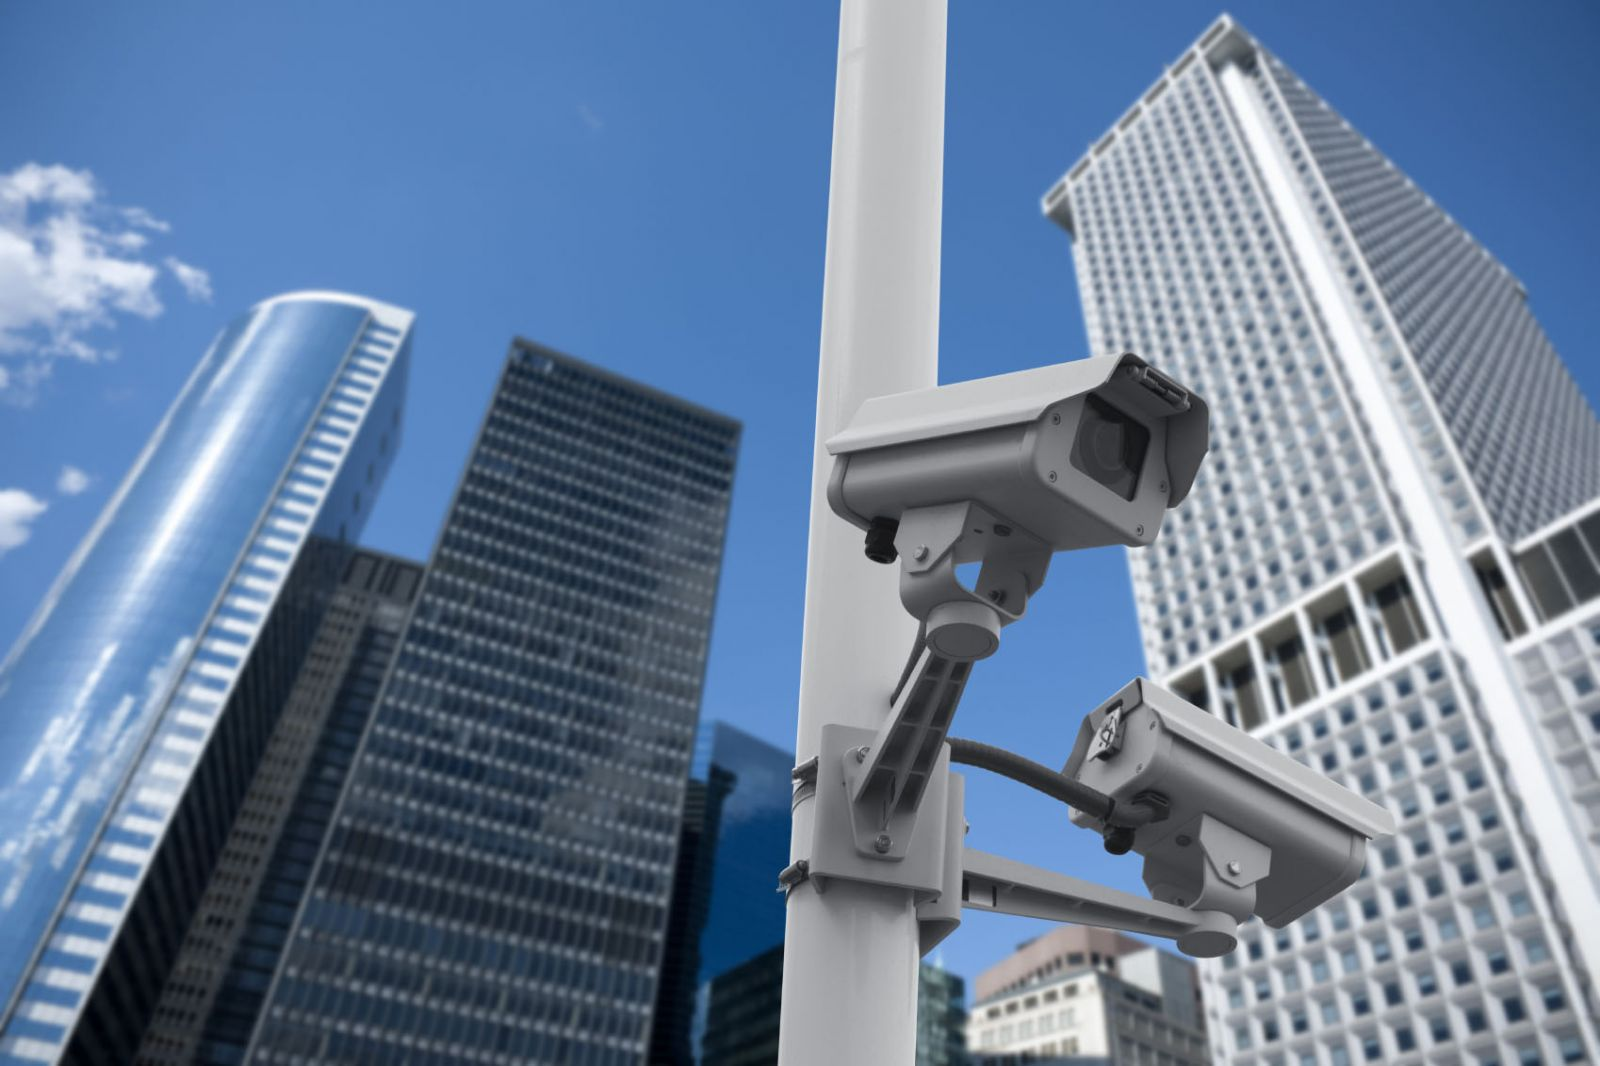 Camera giám sát an ninh tại sân vận động quốc gia